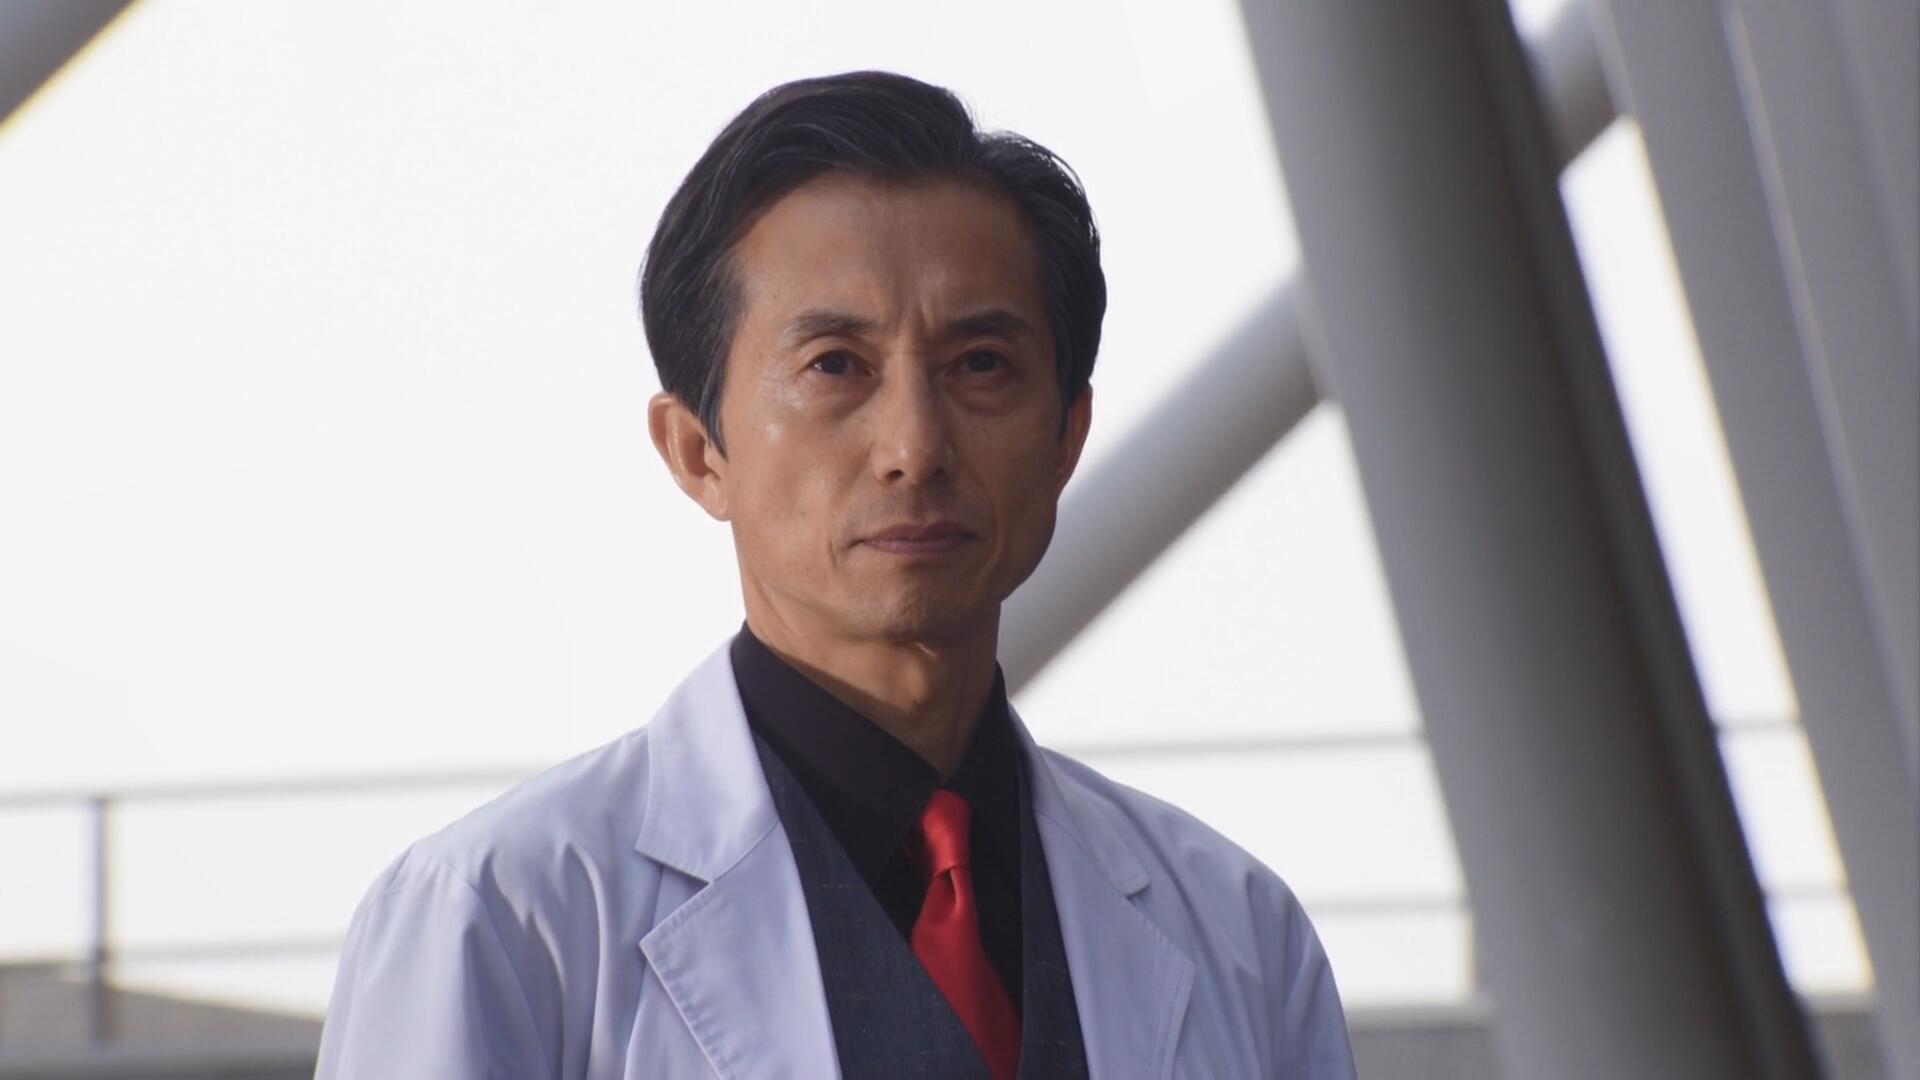 ผลการค้นหารูปภาพสำหรับ katsuragi shinobu